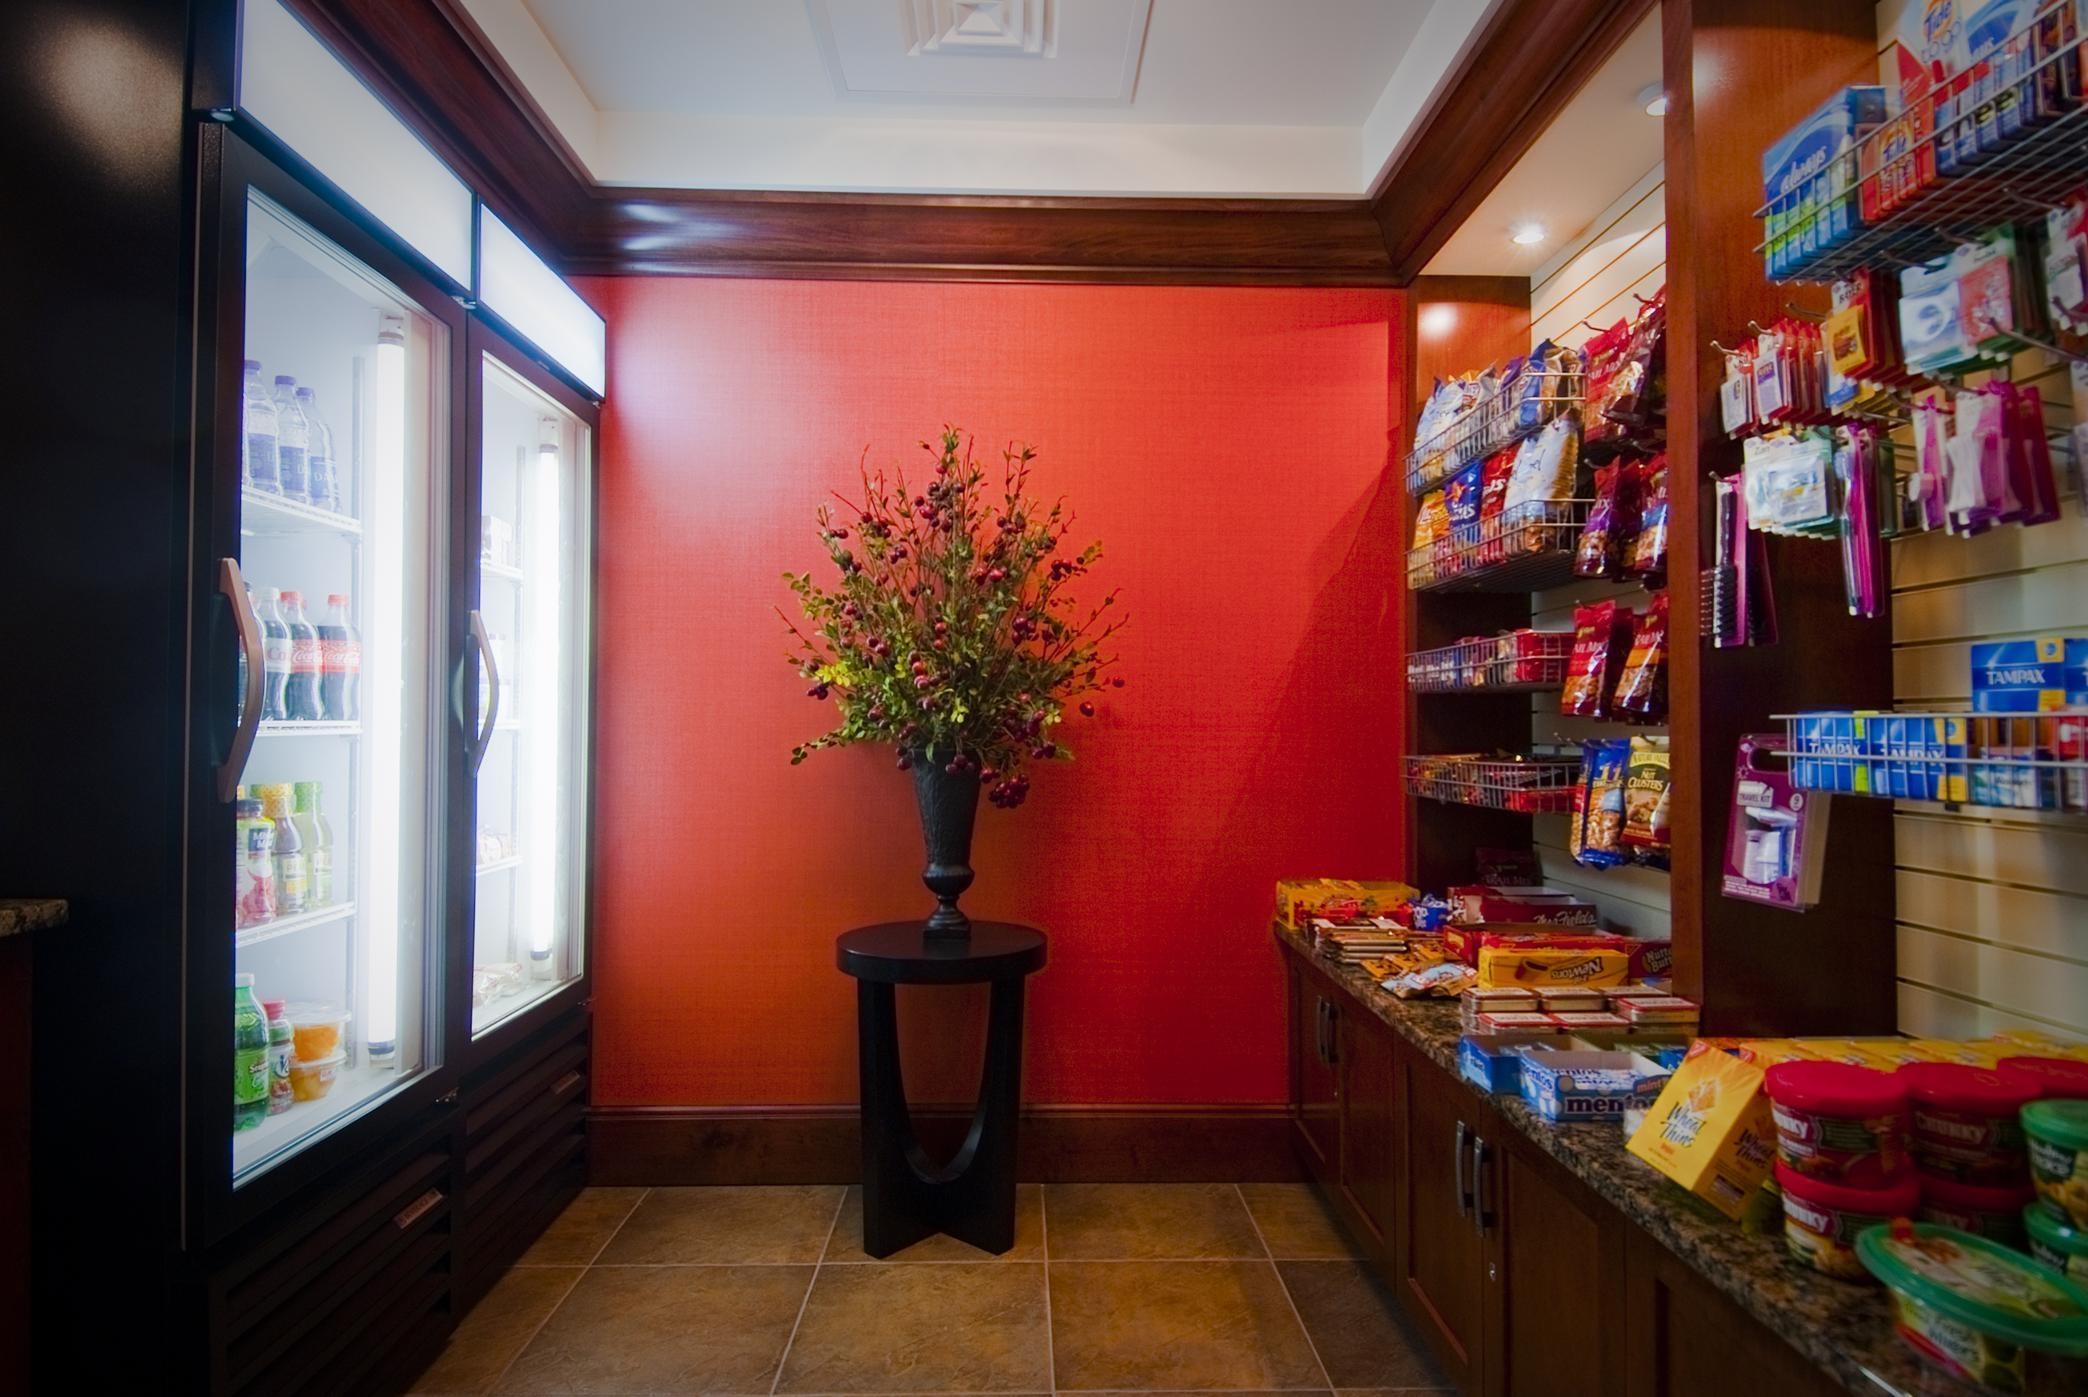 Suite Shop Pantry